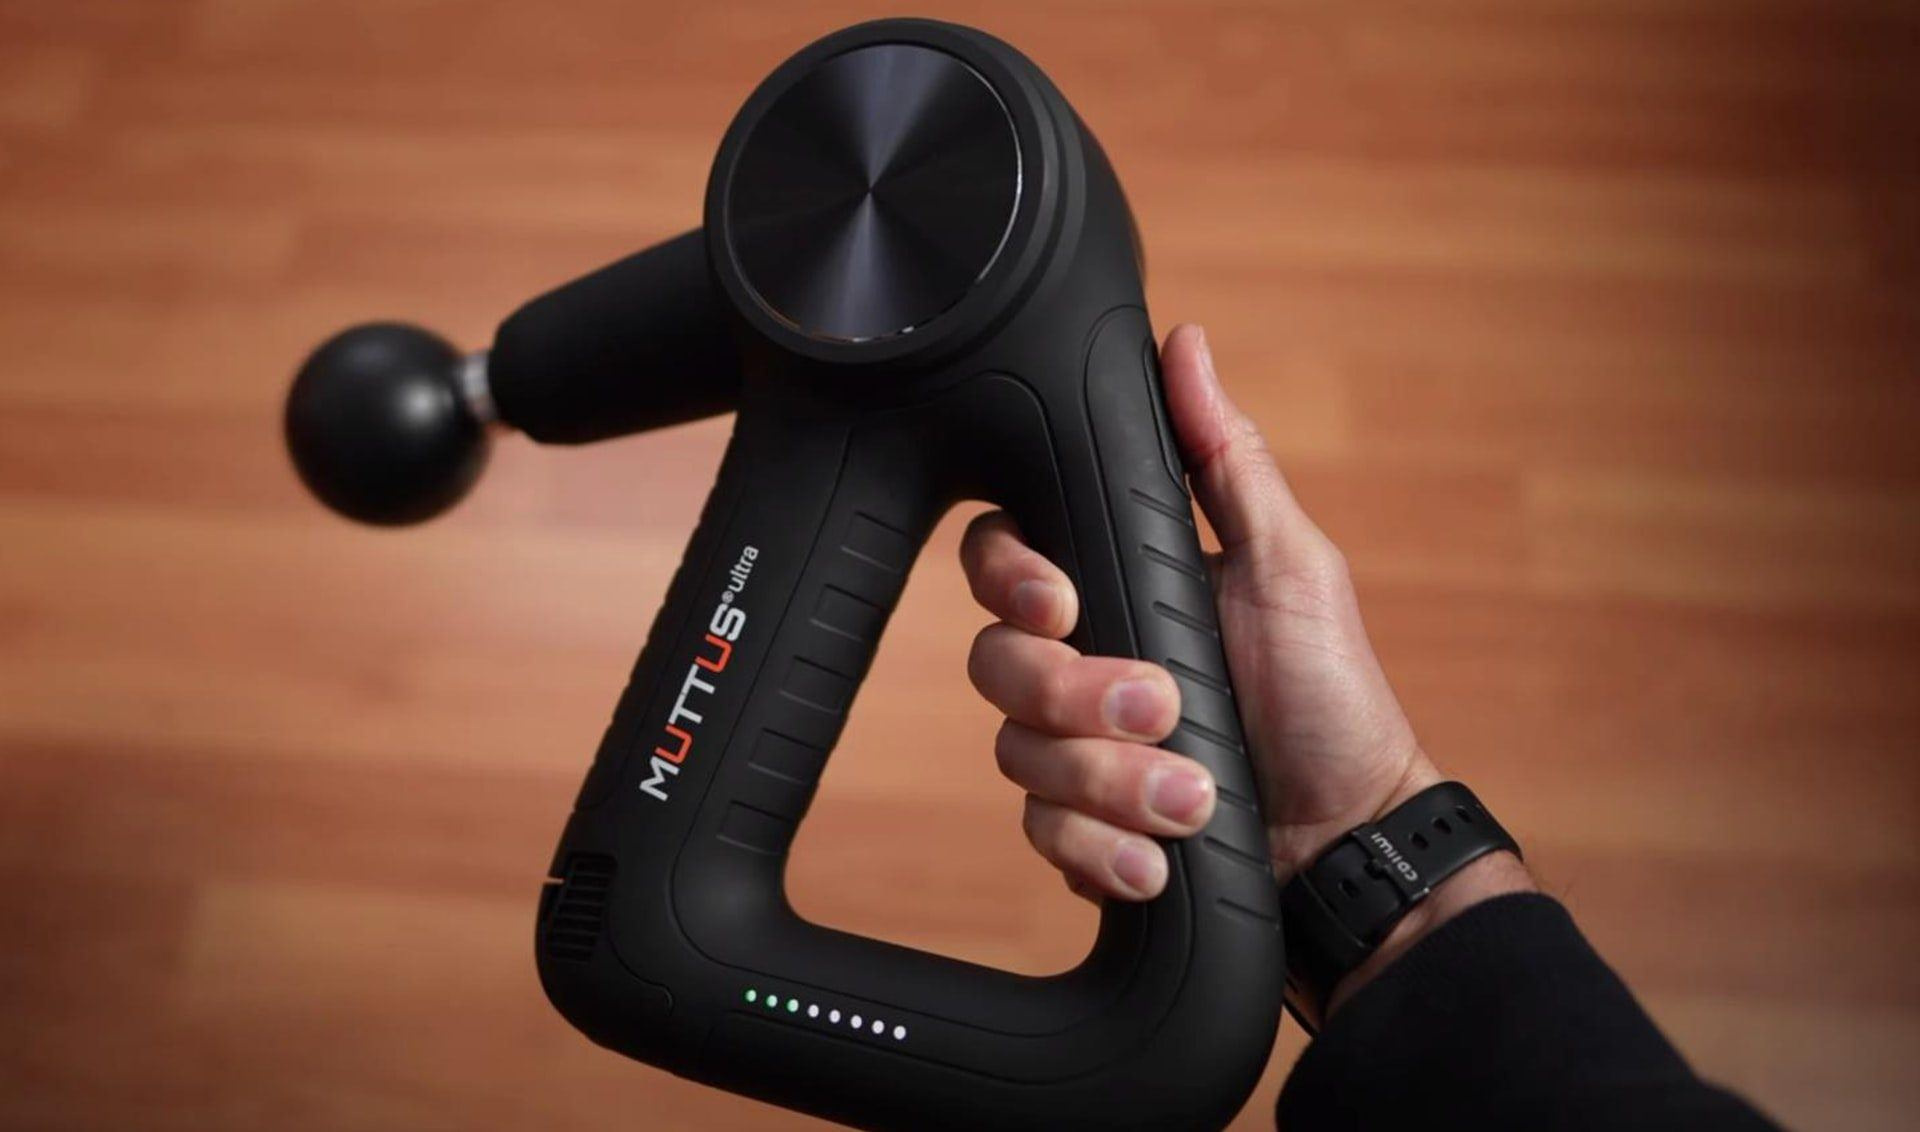 What Makes A Good Massage Gun?